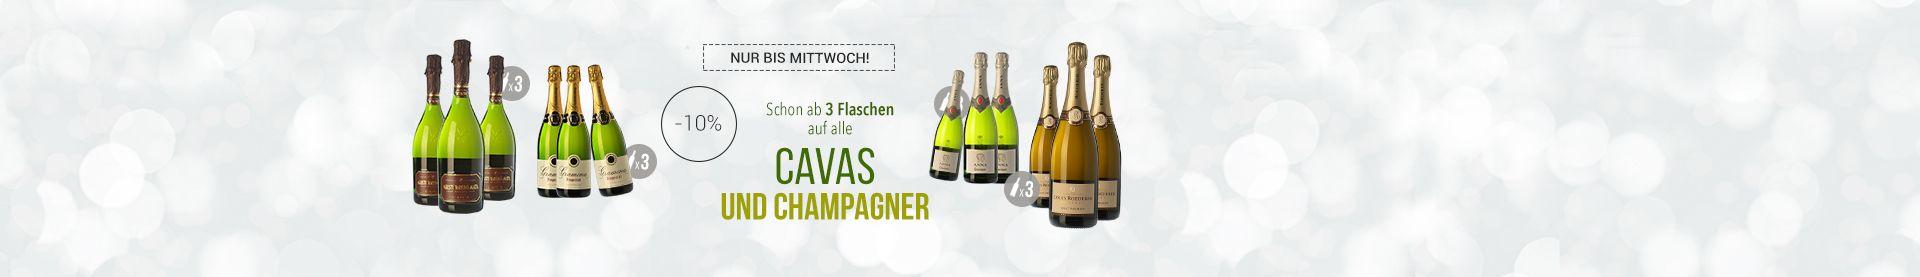 Cavas und Champagner